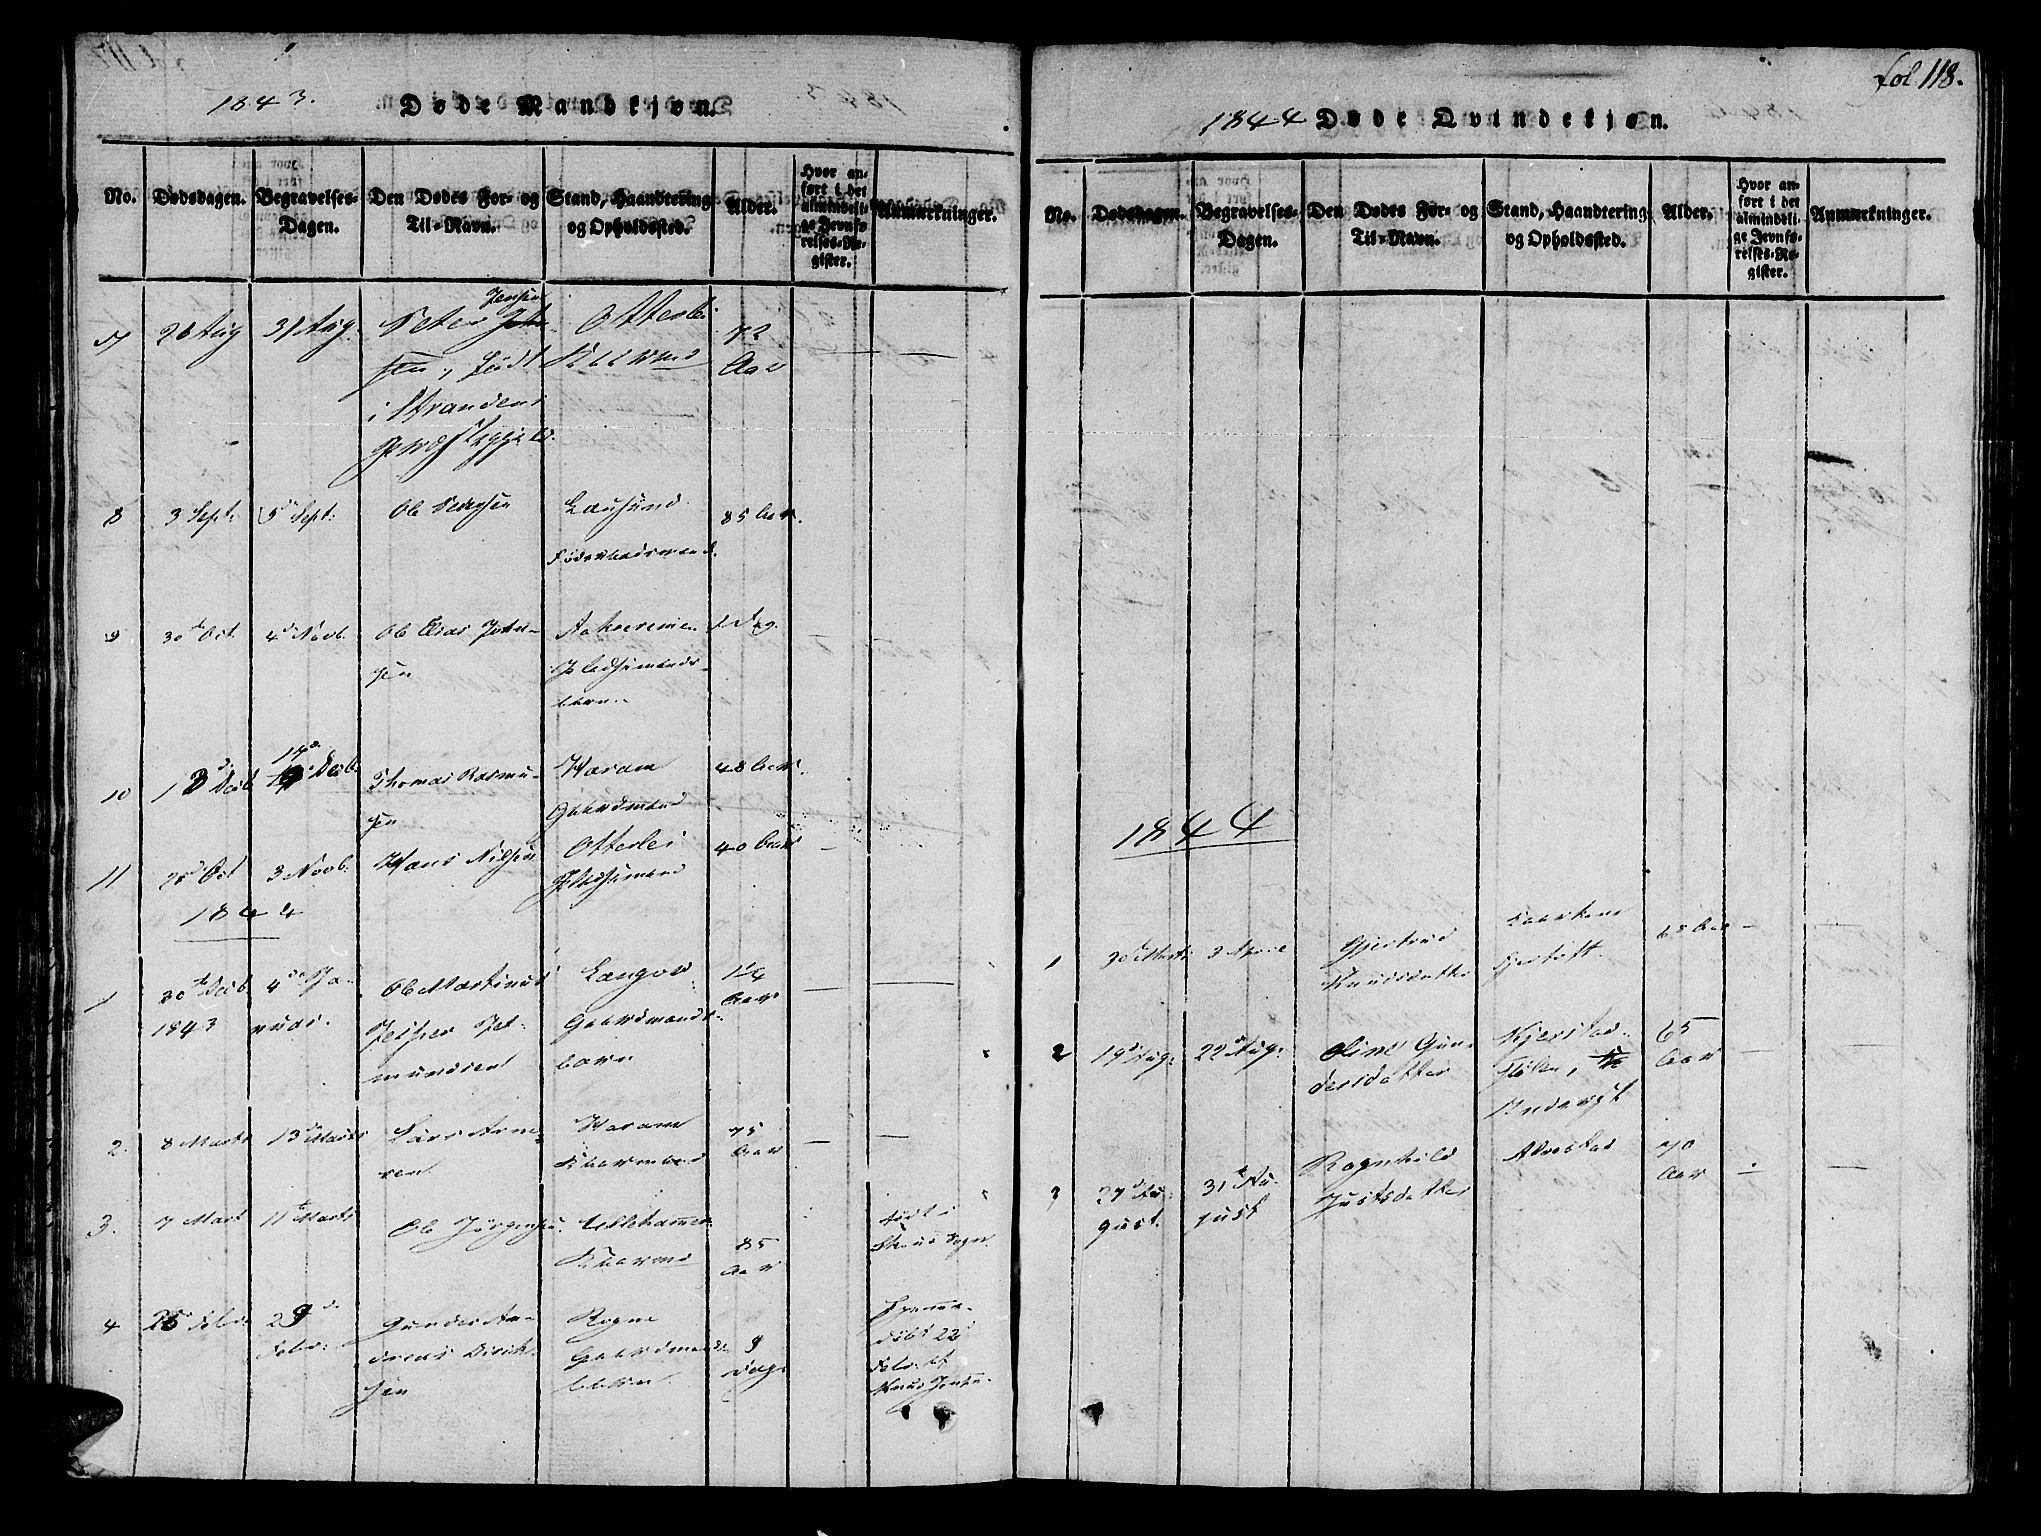 SAT, Ministerialprotokoller, klokkerbøker og fødselsregistre - Møre og Romsdal, 536/L0495: Ministerialbok nr. 536A04, 1818-1847, s. 118